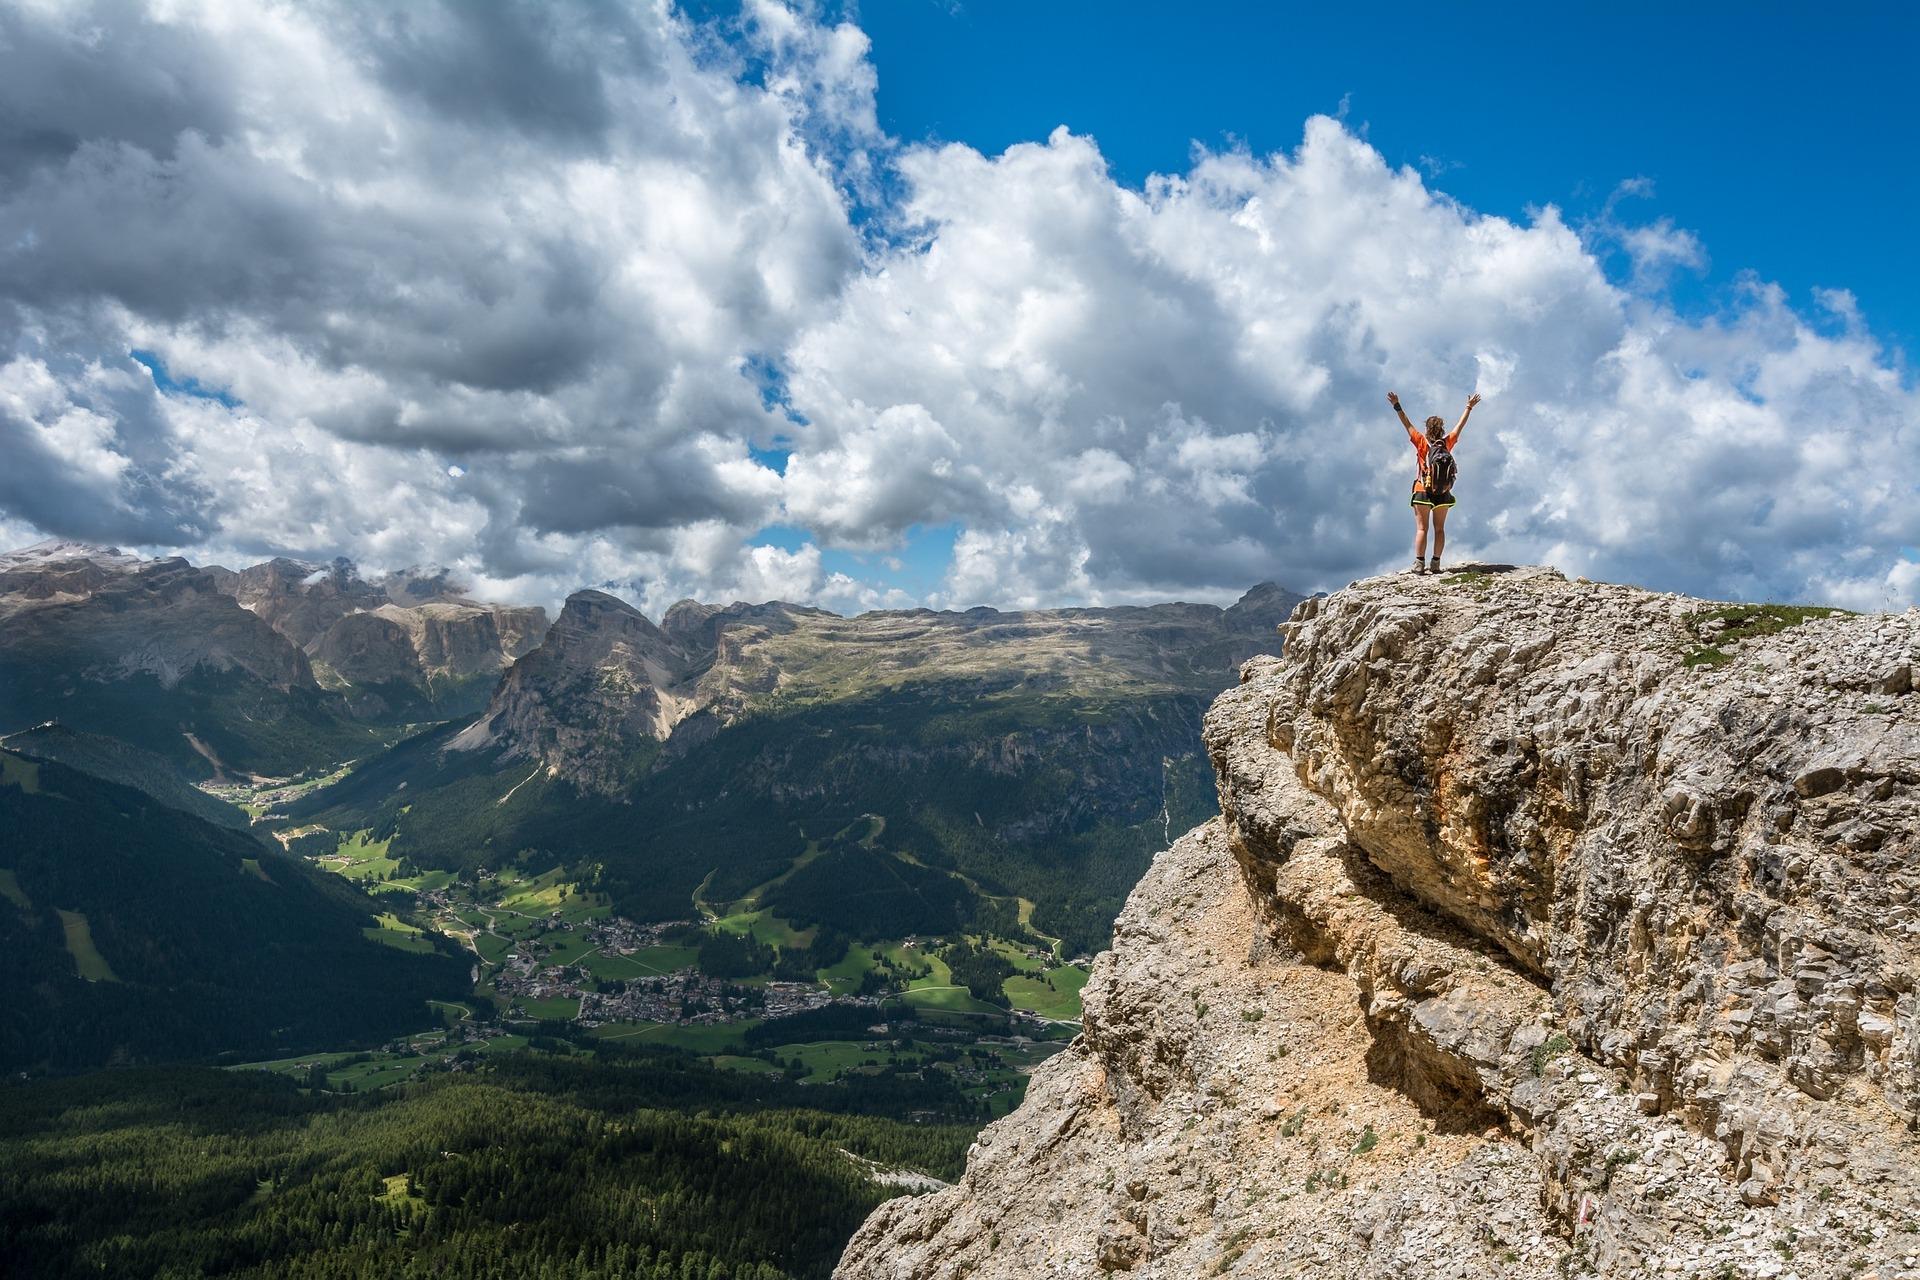 Saviez vous que la préparation mentale peut devenir un véritable atout dans votre vie ?